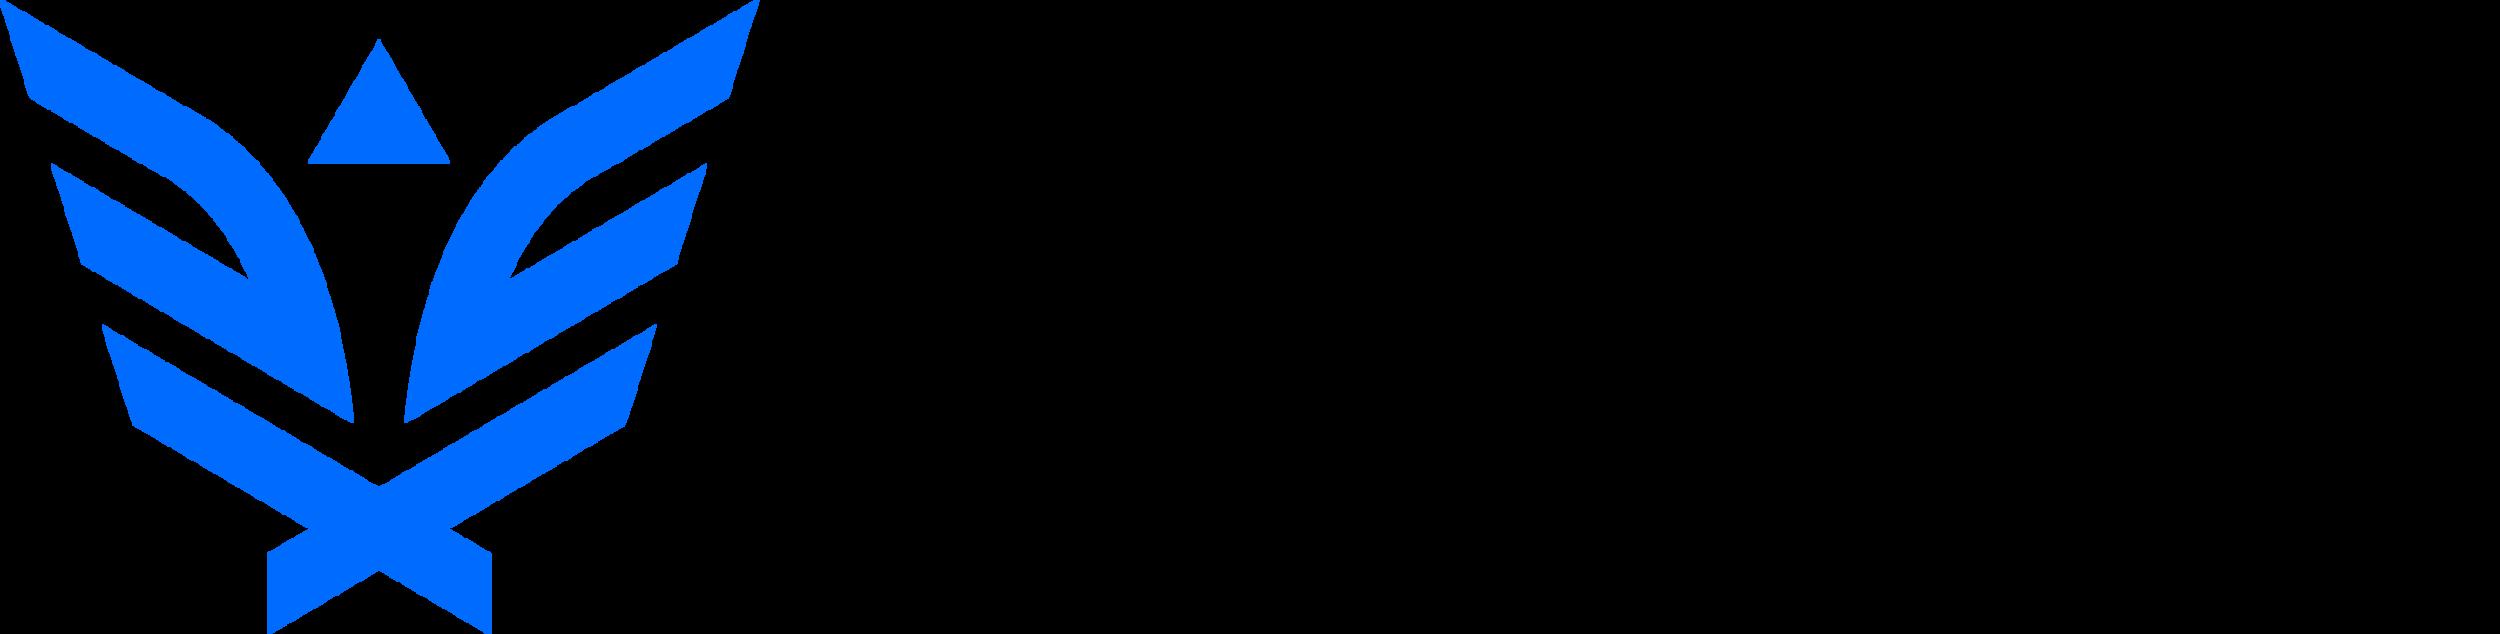 Synack_E_Horizontal_Lockup_RGB.png